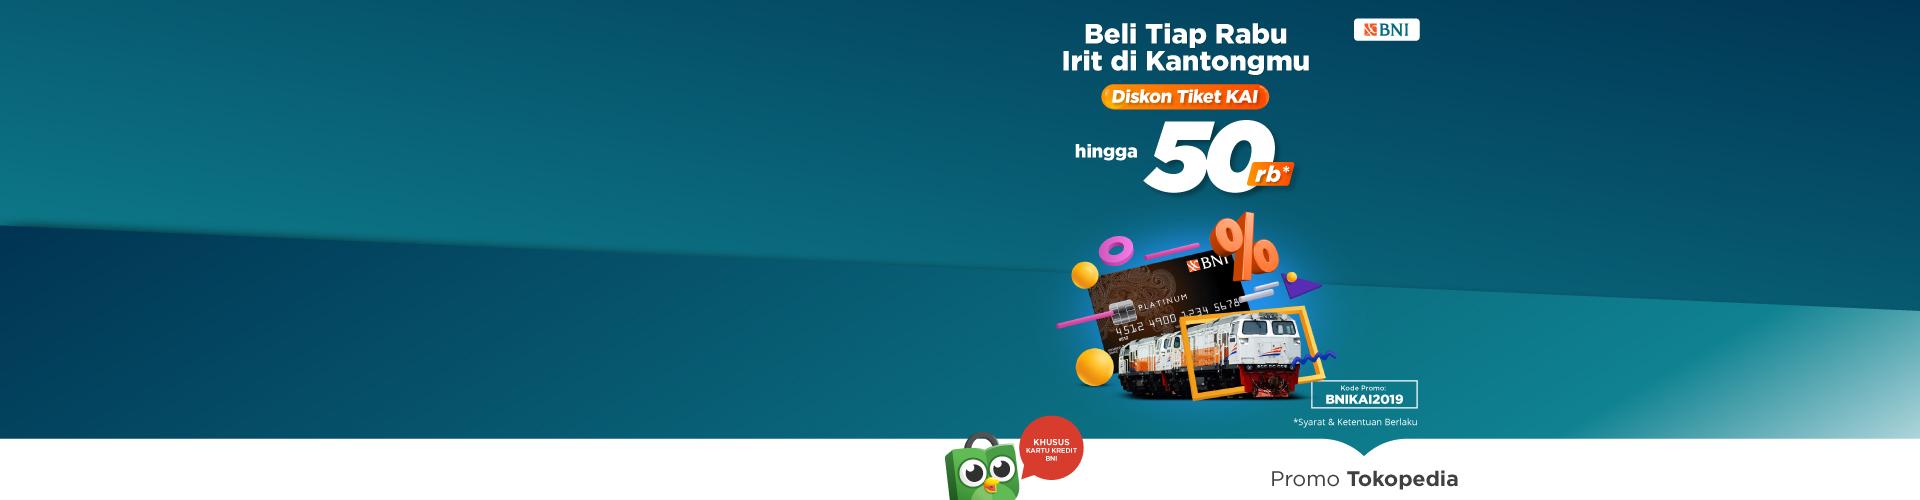 Pesan tiket kereta di hari Rabu bisa dapat diskon hingga 50rb dengan kartu kredit BNI!